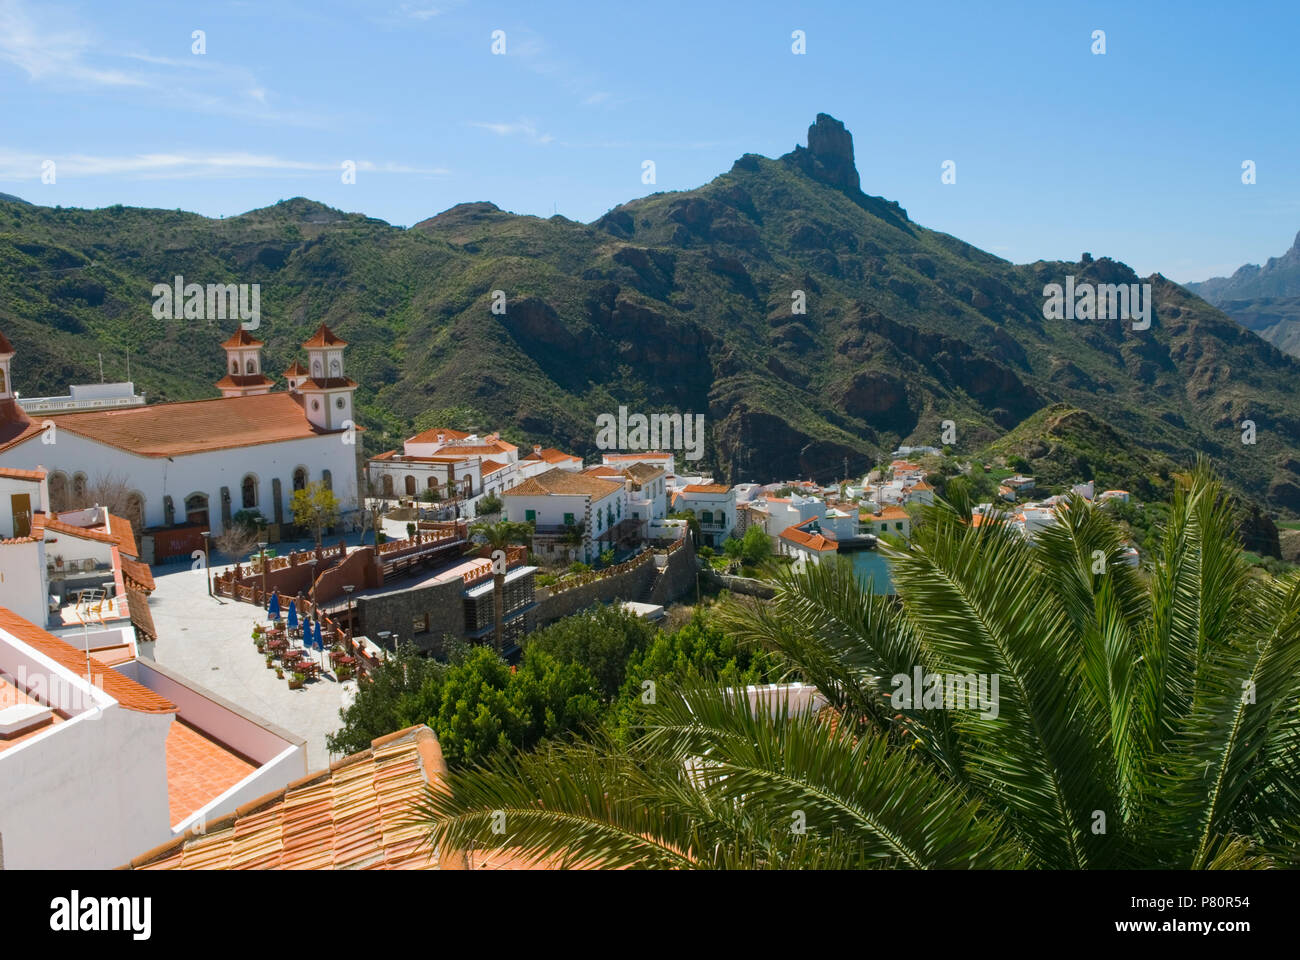 Blick über Tejeda und Roque Bentayga in der Mitte der Insel Gran Canaria, Kanarische Inseln, Spanien Stockbild